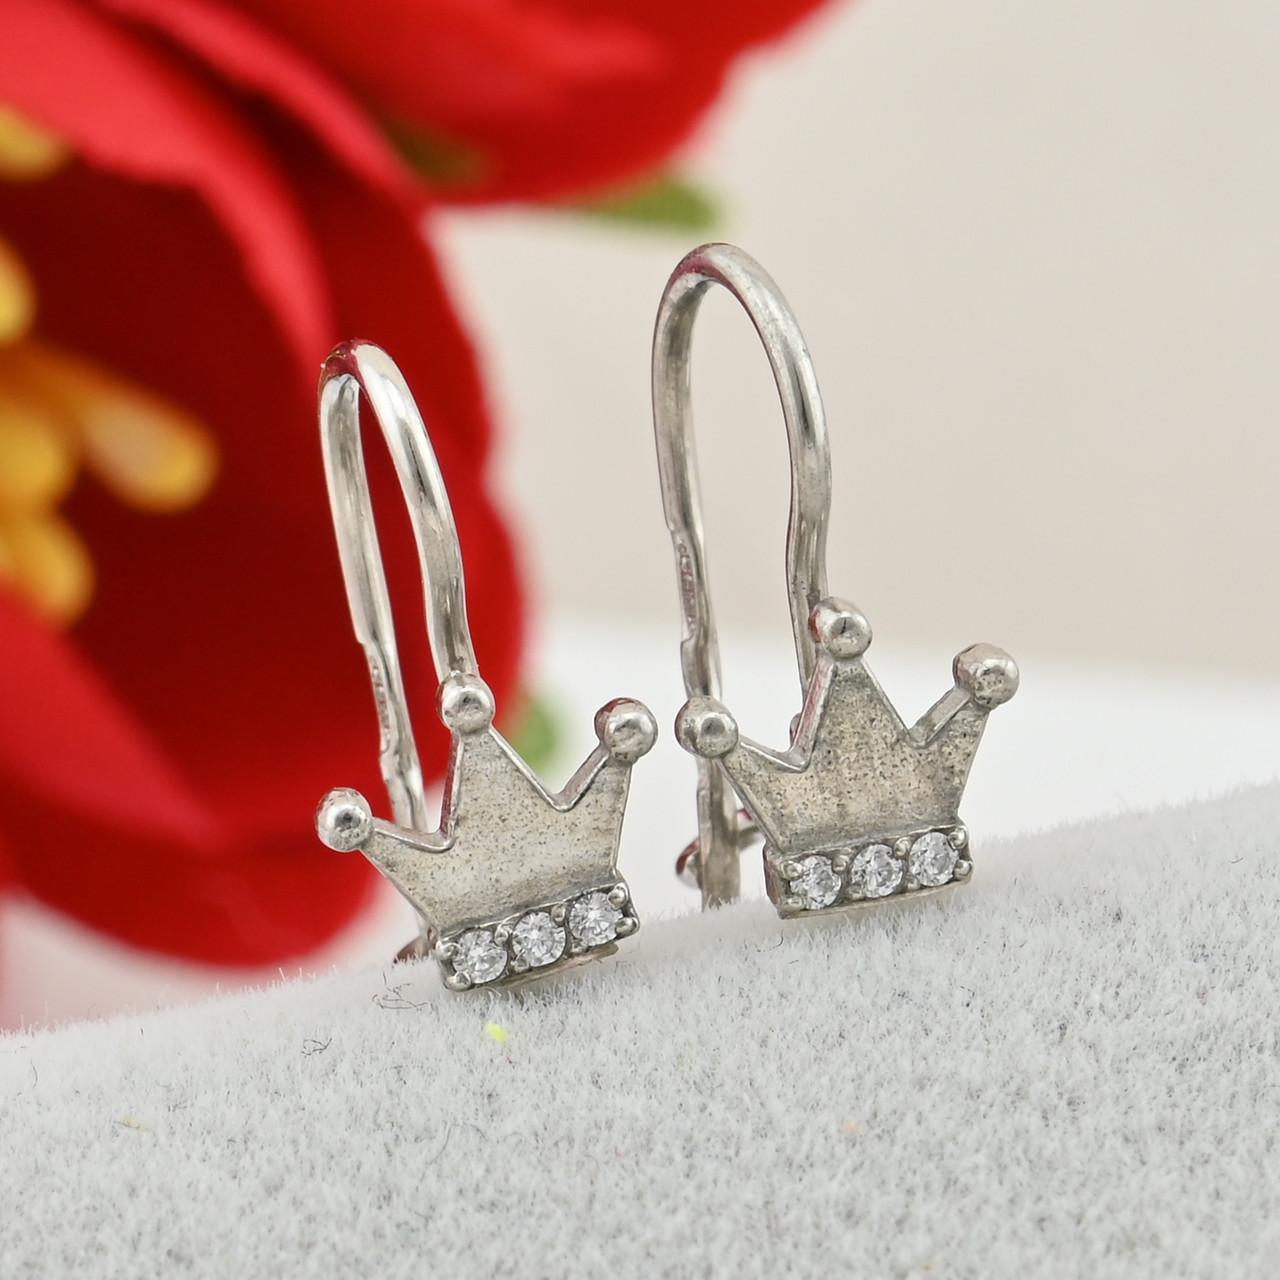 Серебряные серьги Маленькая принцесса размер 11х6 мм вставка белые фианиты вес 0.8 г